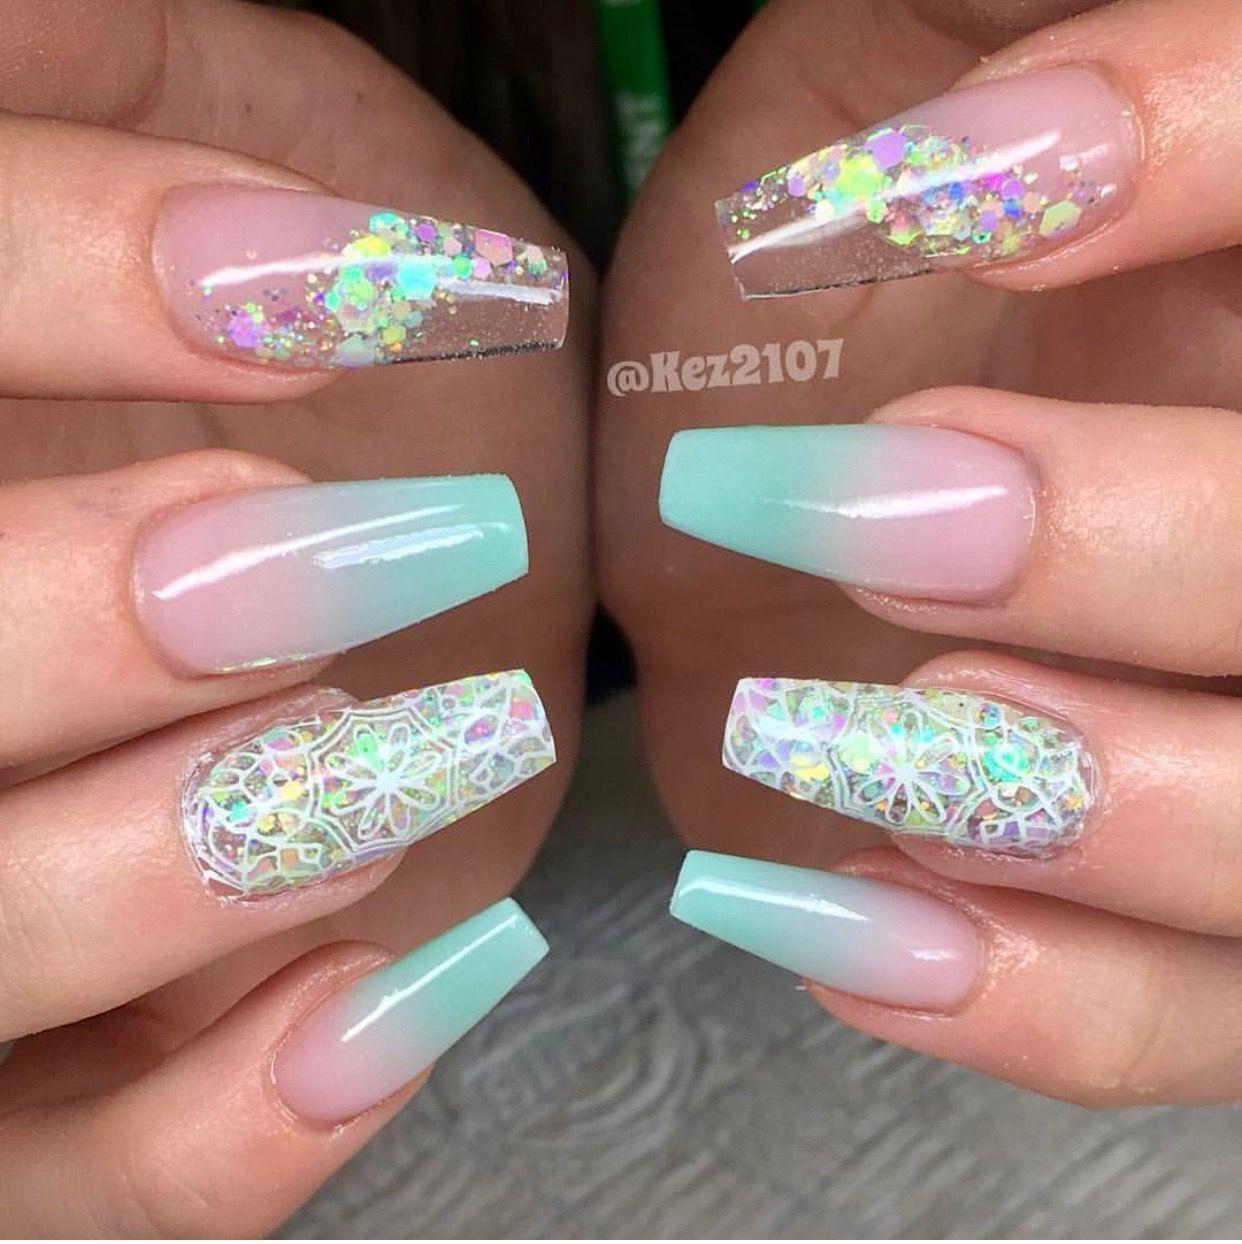 Pin by nico˚ on n a i l s | Pinterest | Nail nail, Nail inspo and Makeup